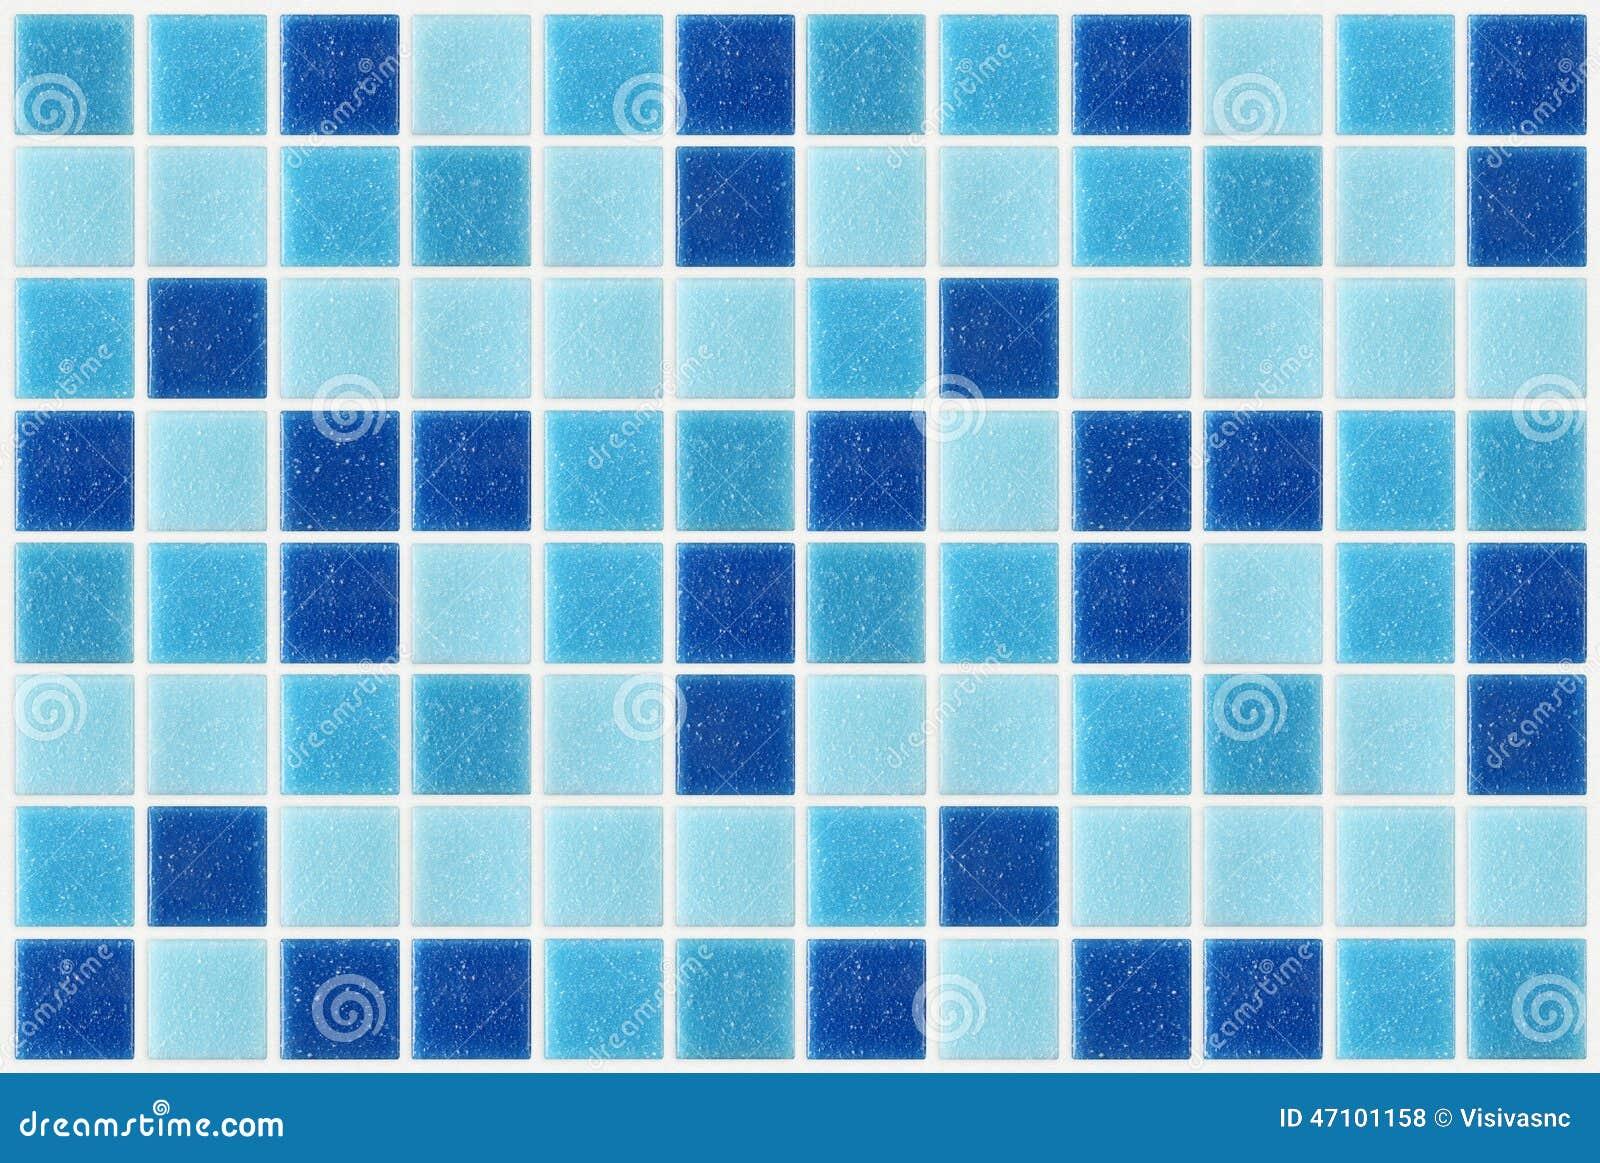 Decken Sie den quadratischen blauen Beschaffenheitshintergrund des Mosaiks mit Ziegeln, der mit glitte verziert wird